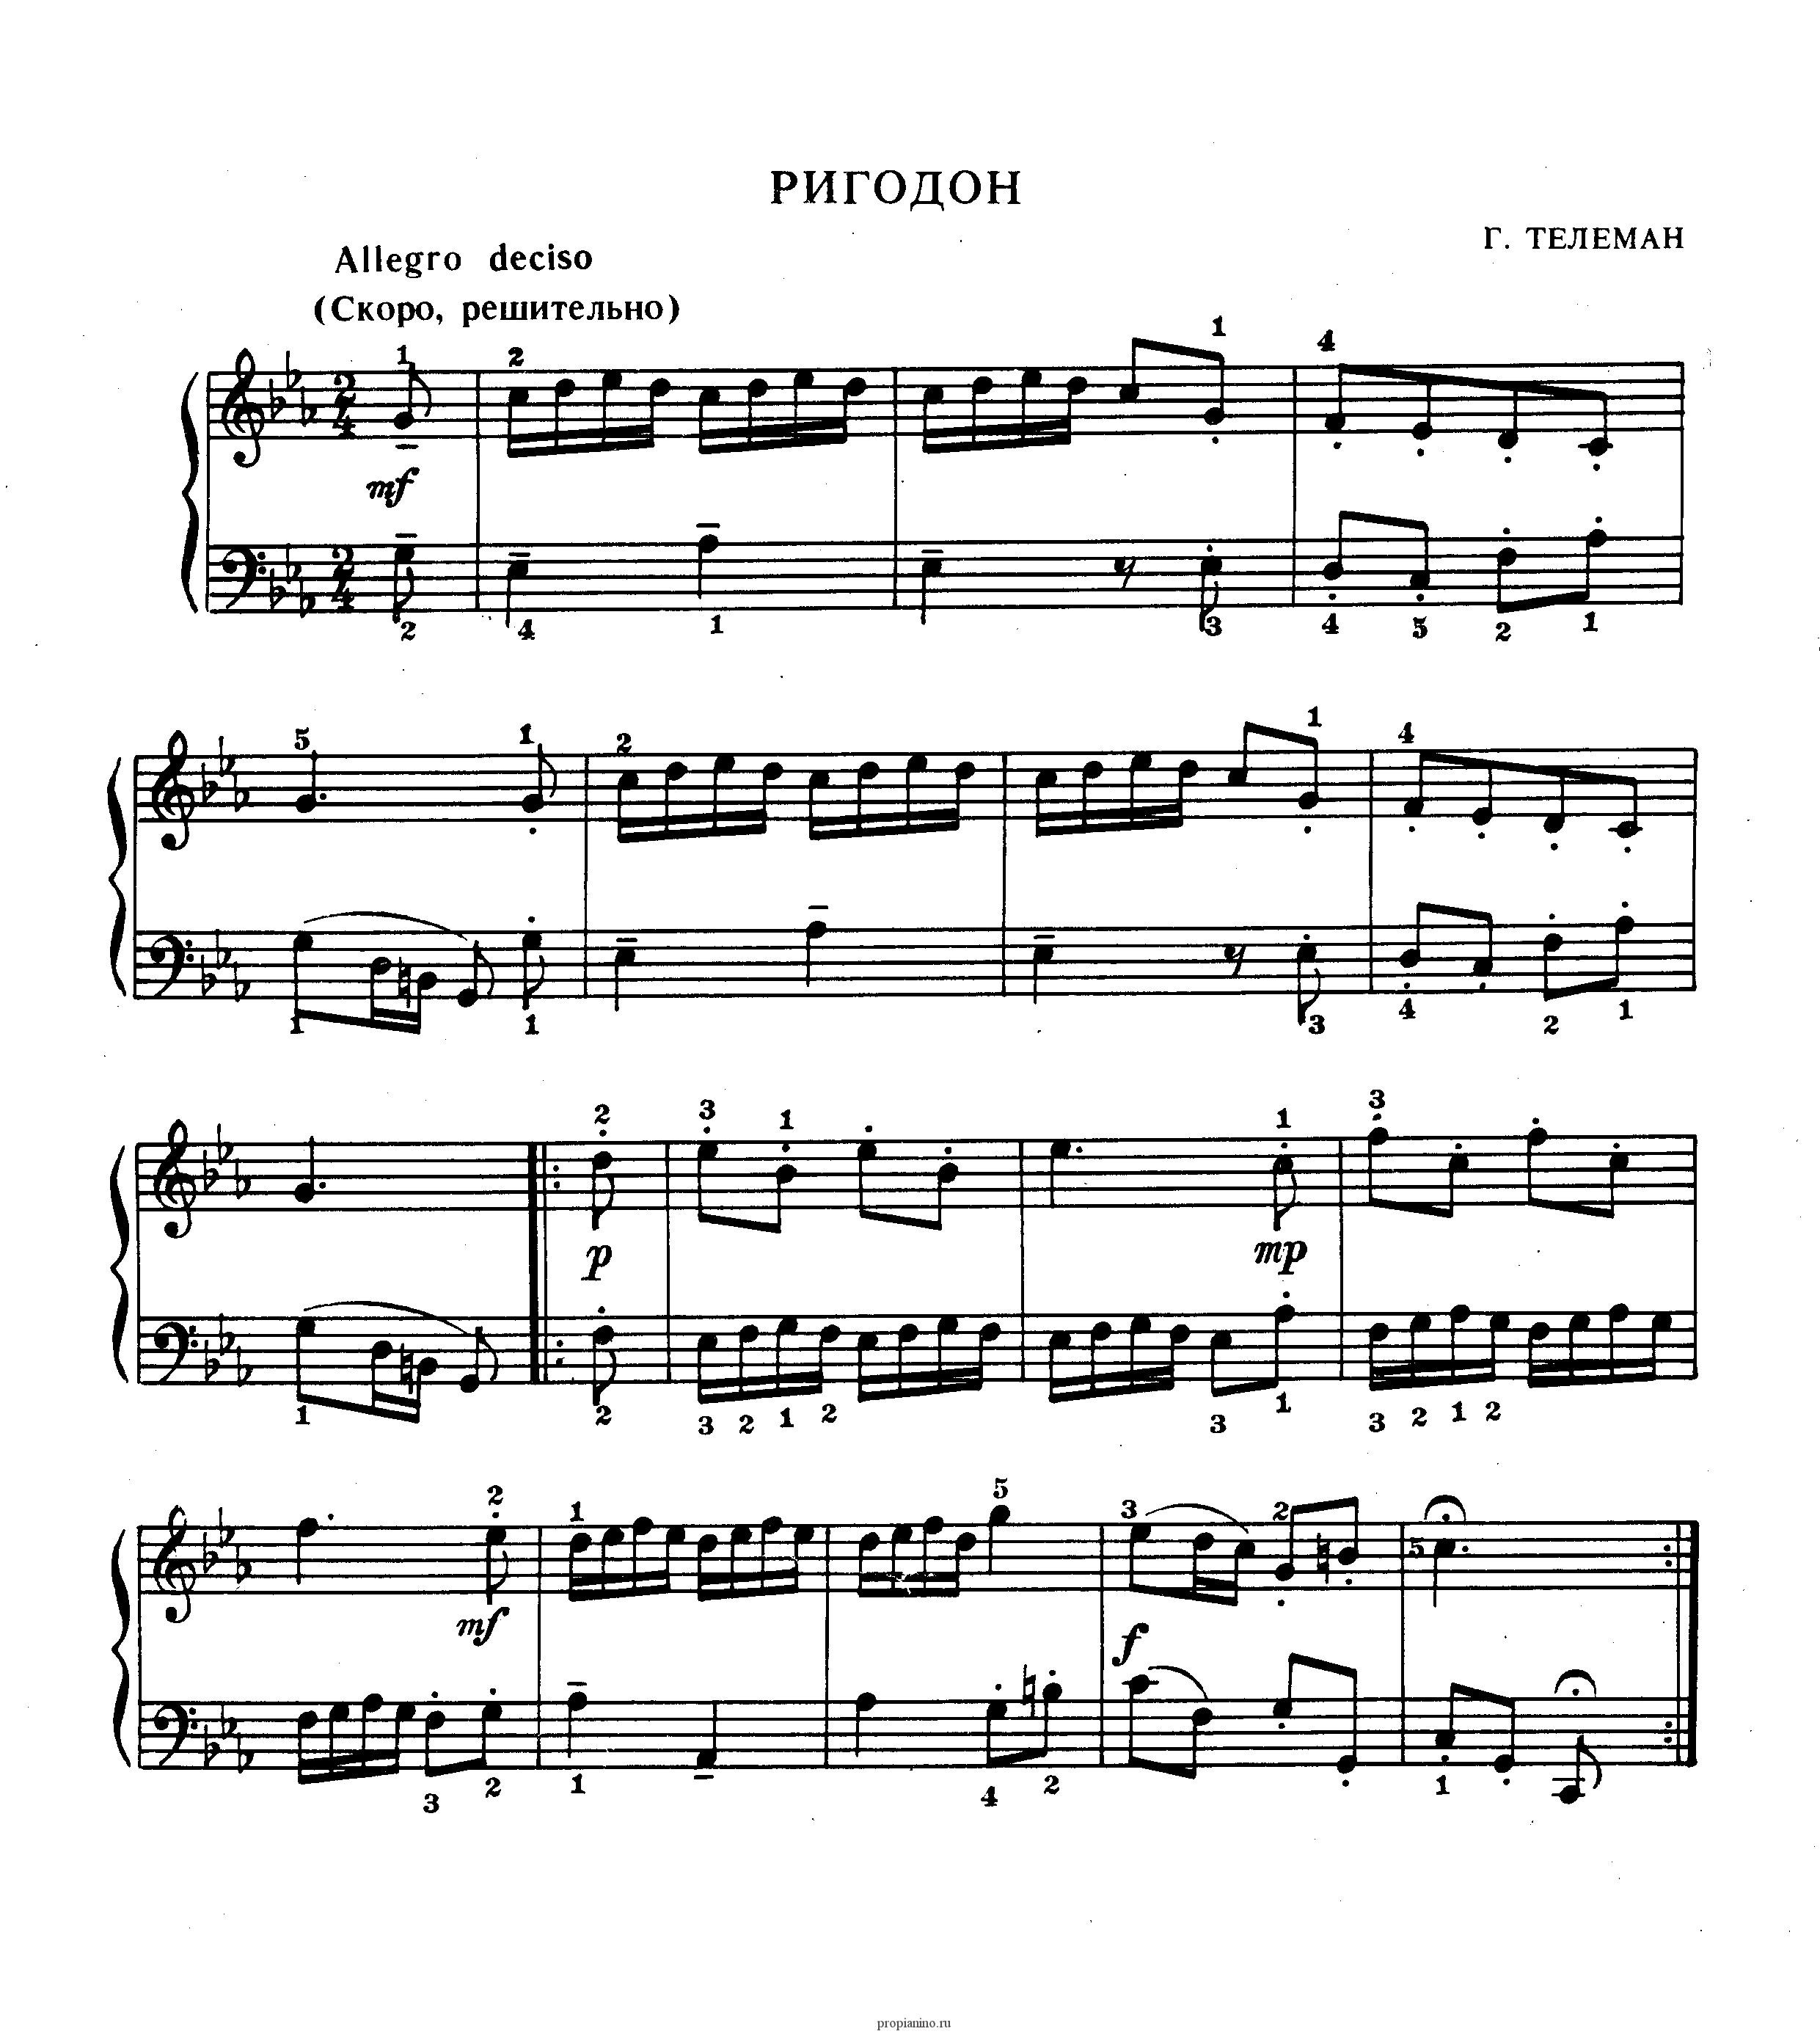 """Ноты """"Ригодон"""" в переложении для фортепиано"""